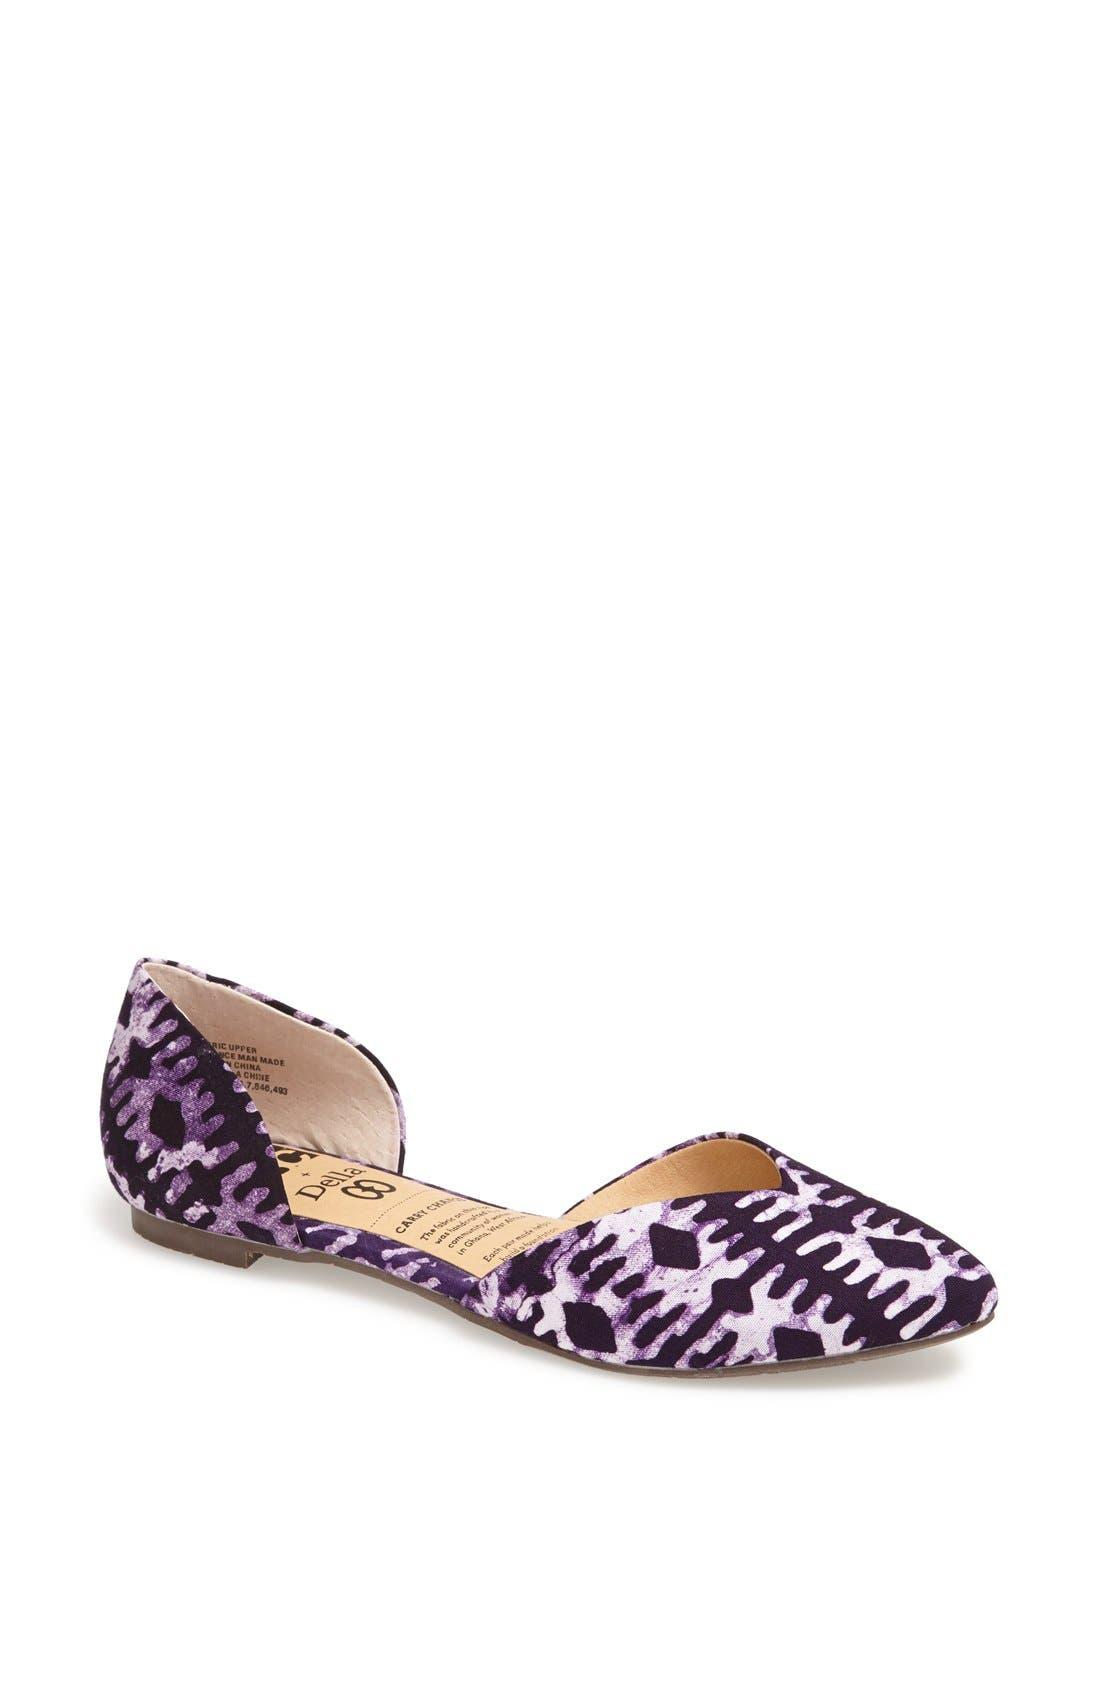 Main Image - BC Footwear 'Up All Night' d'Orsay Flat